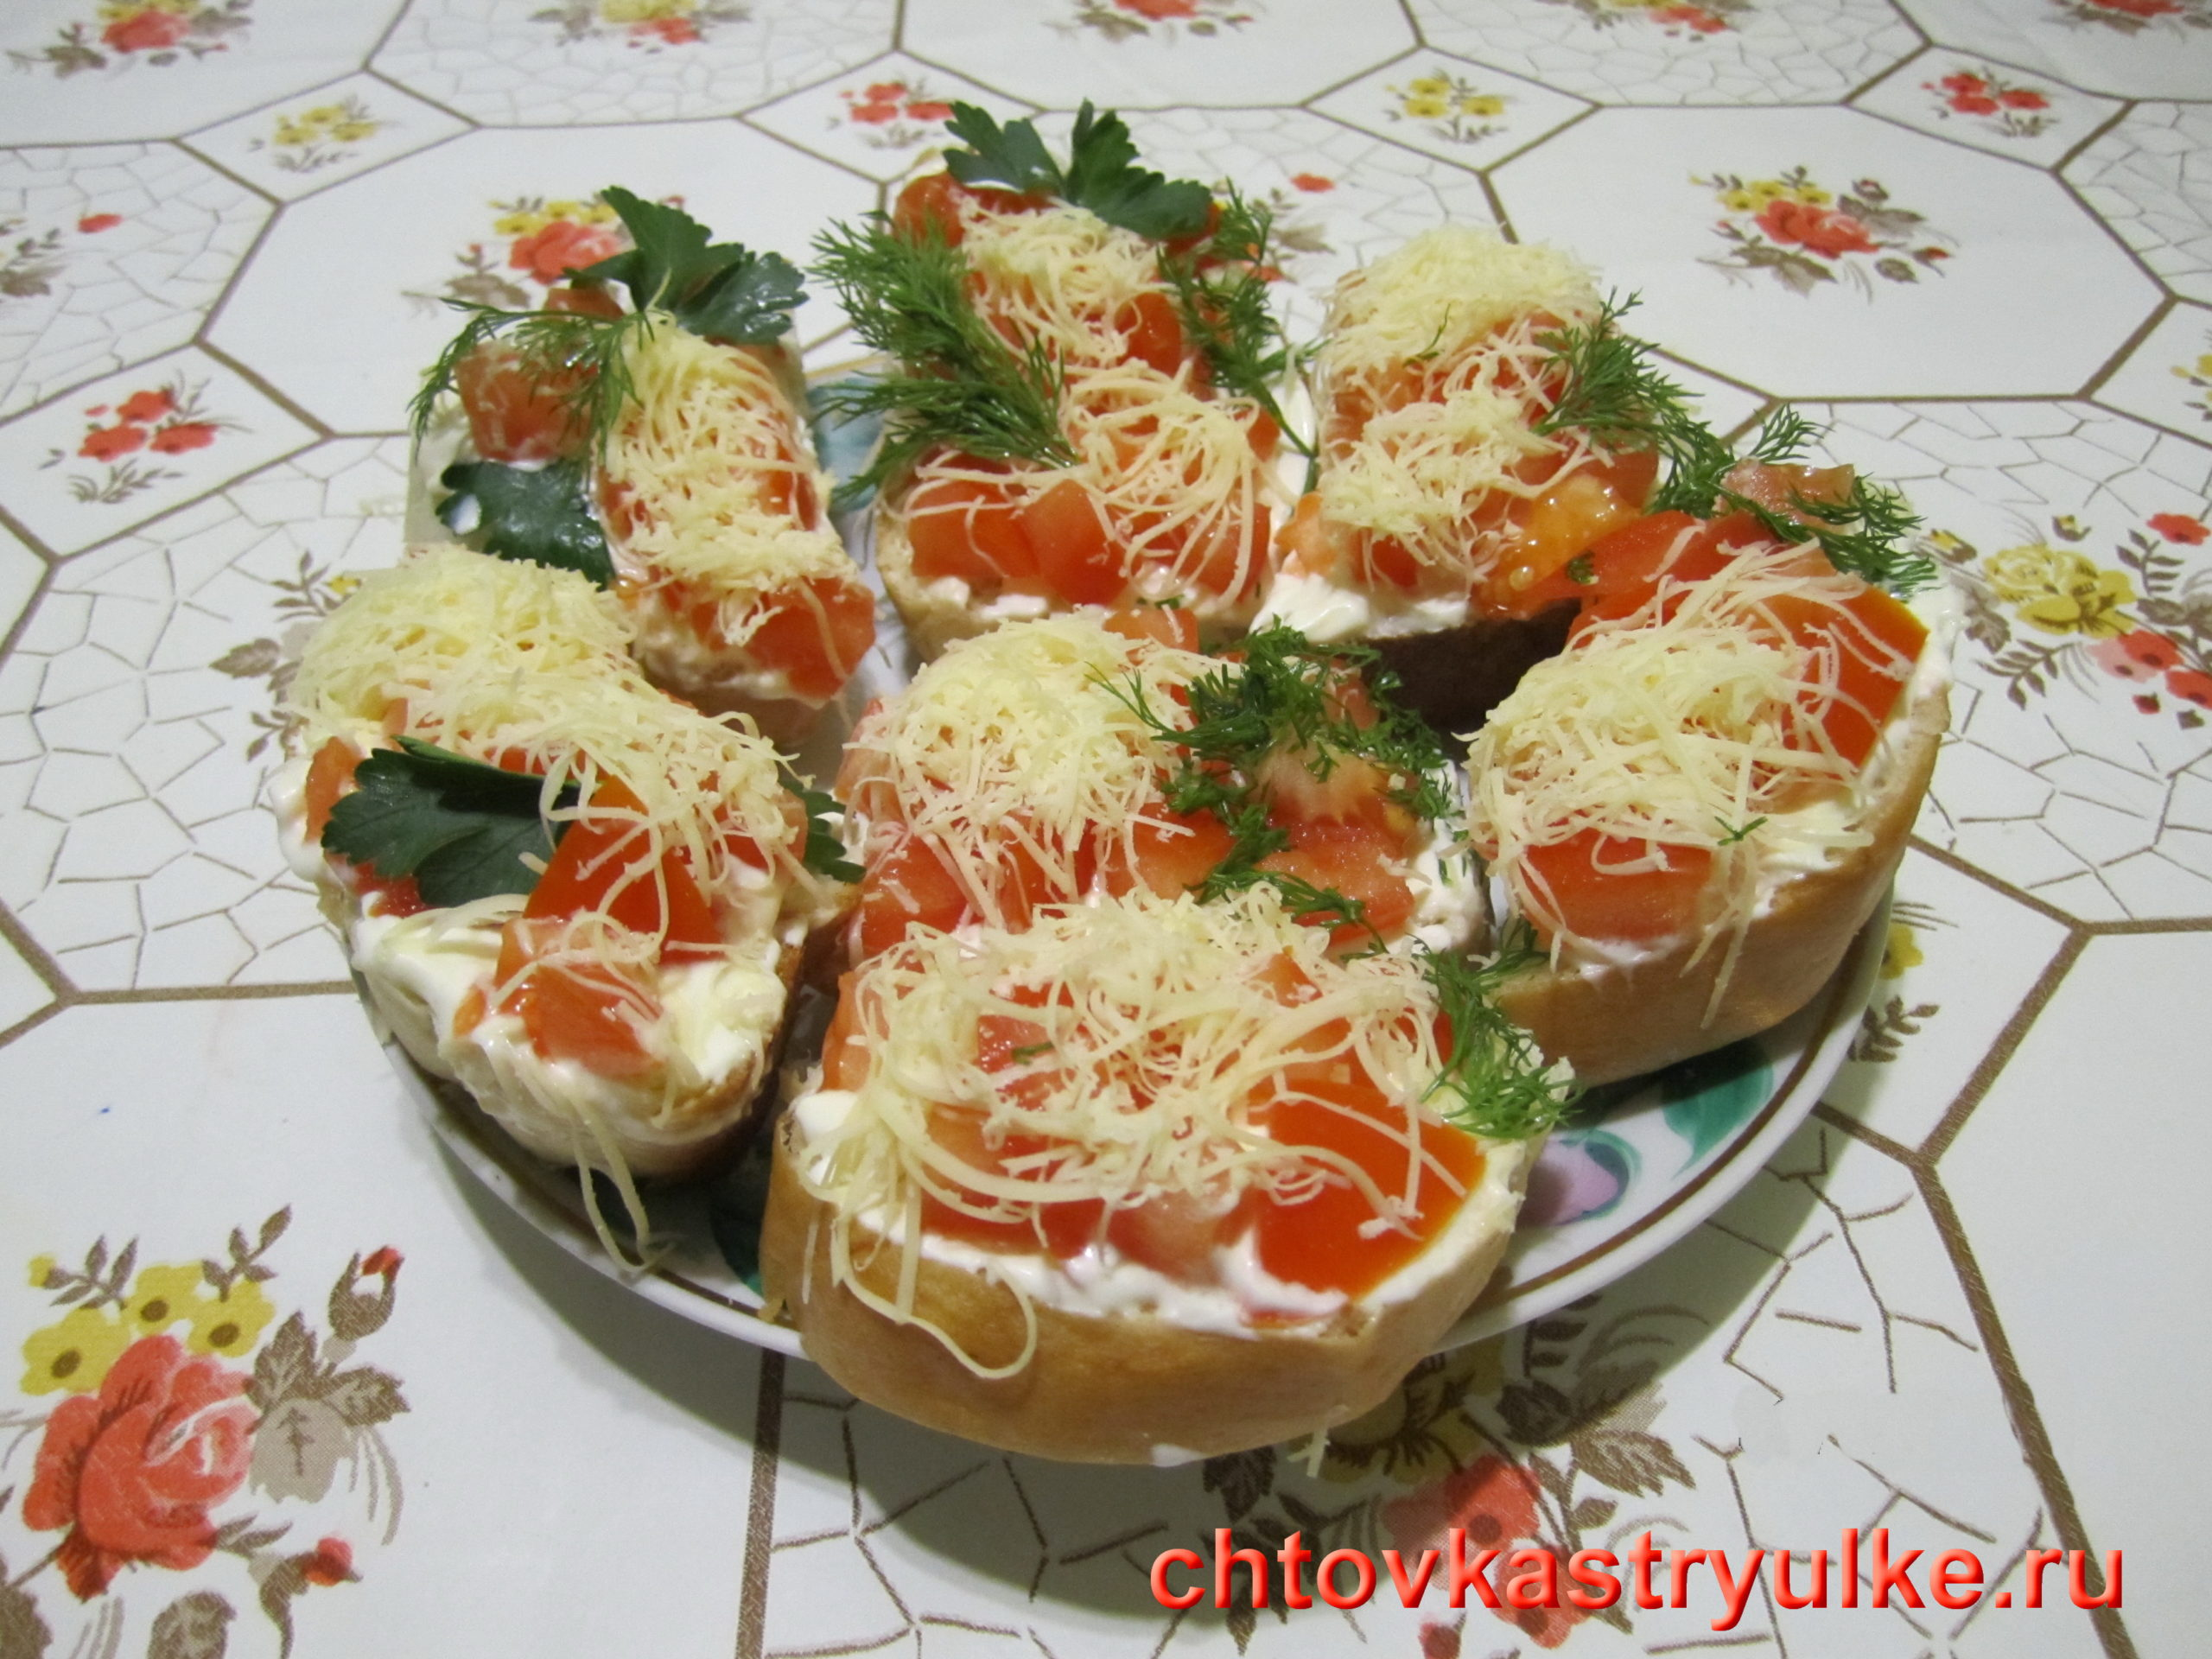 Бутерброд помидорчик